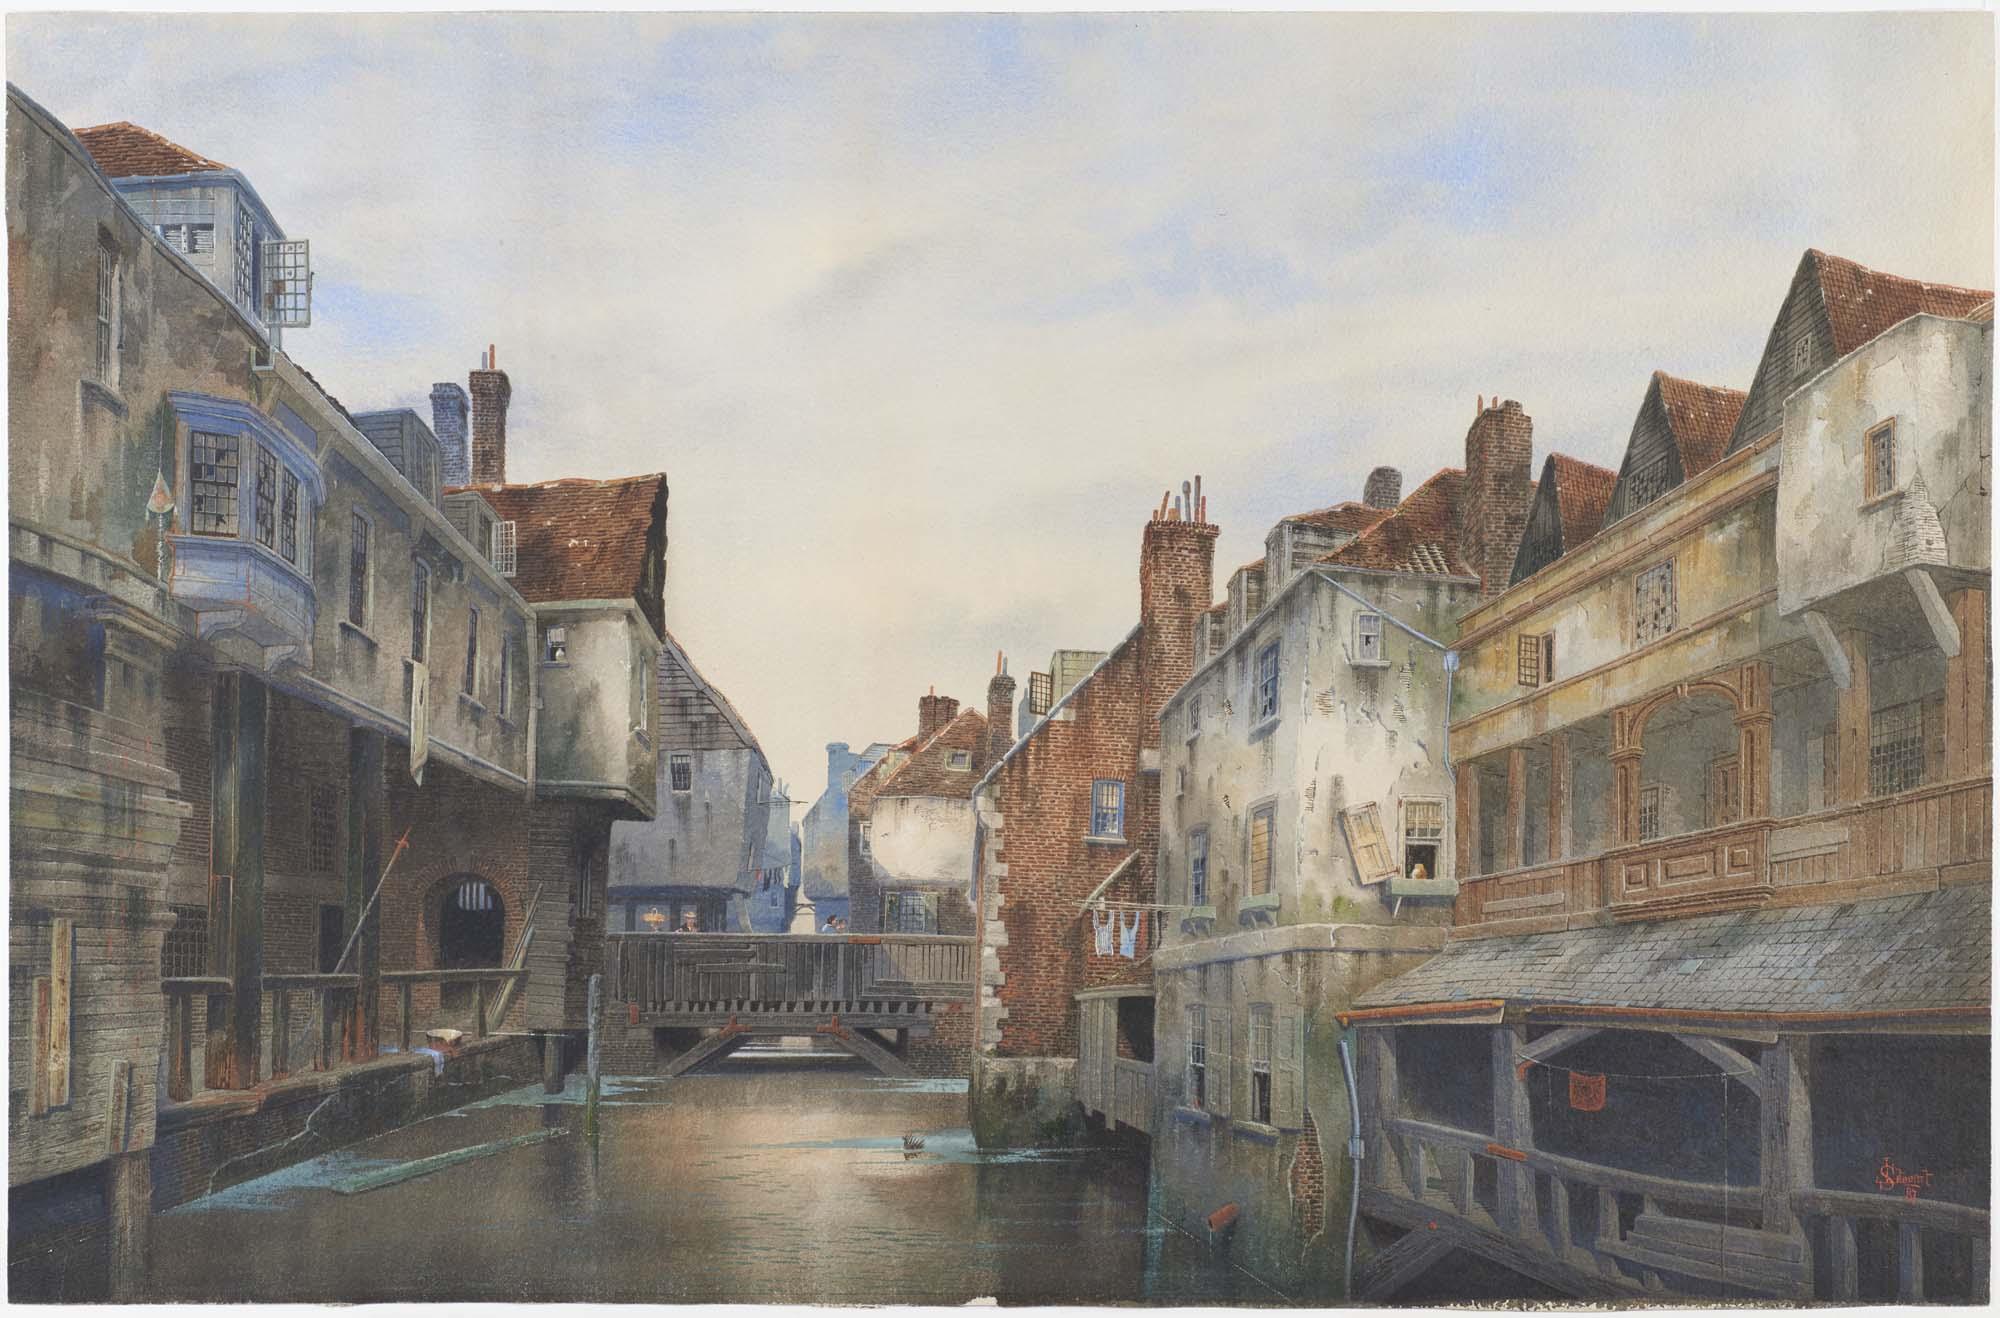 a watercolour of a river scene